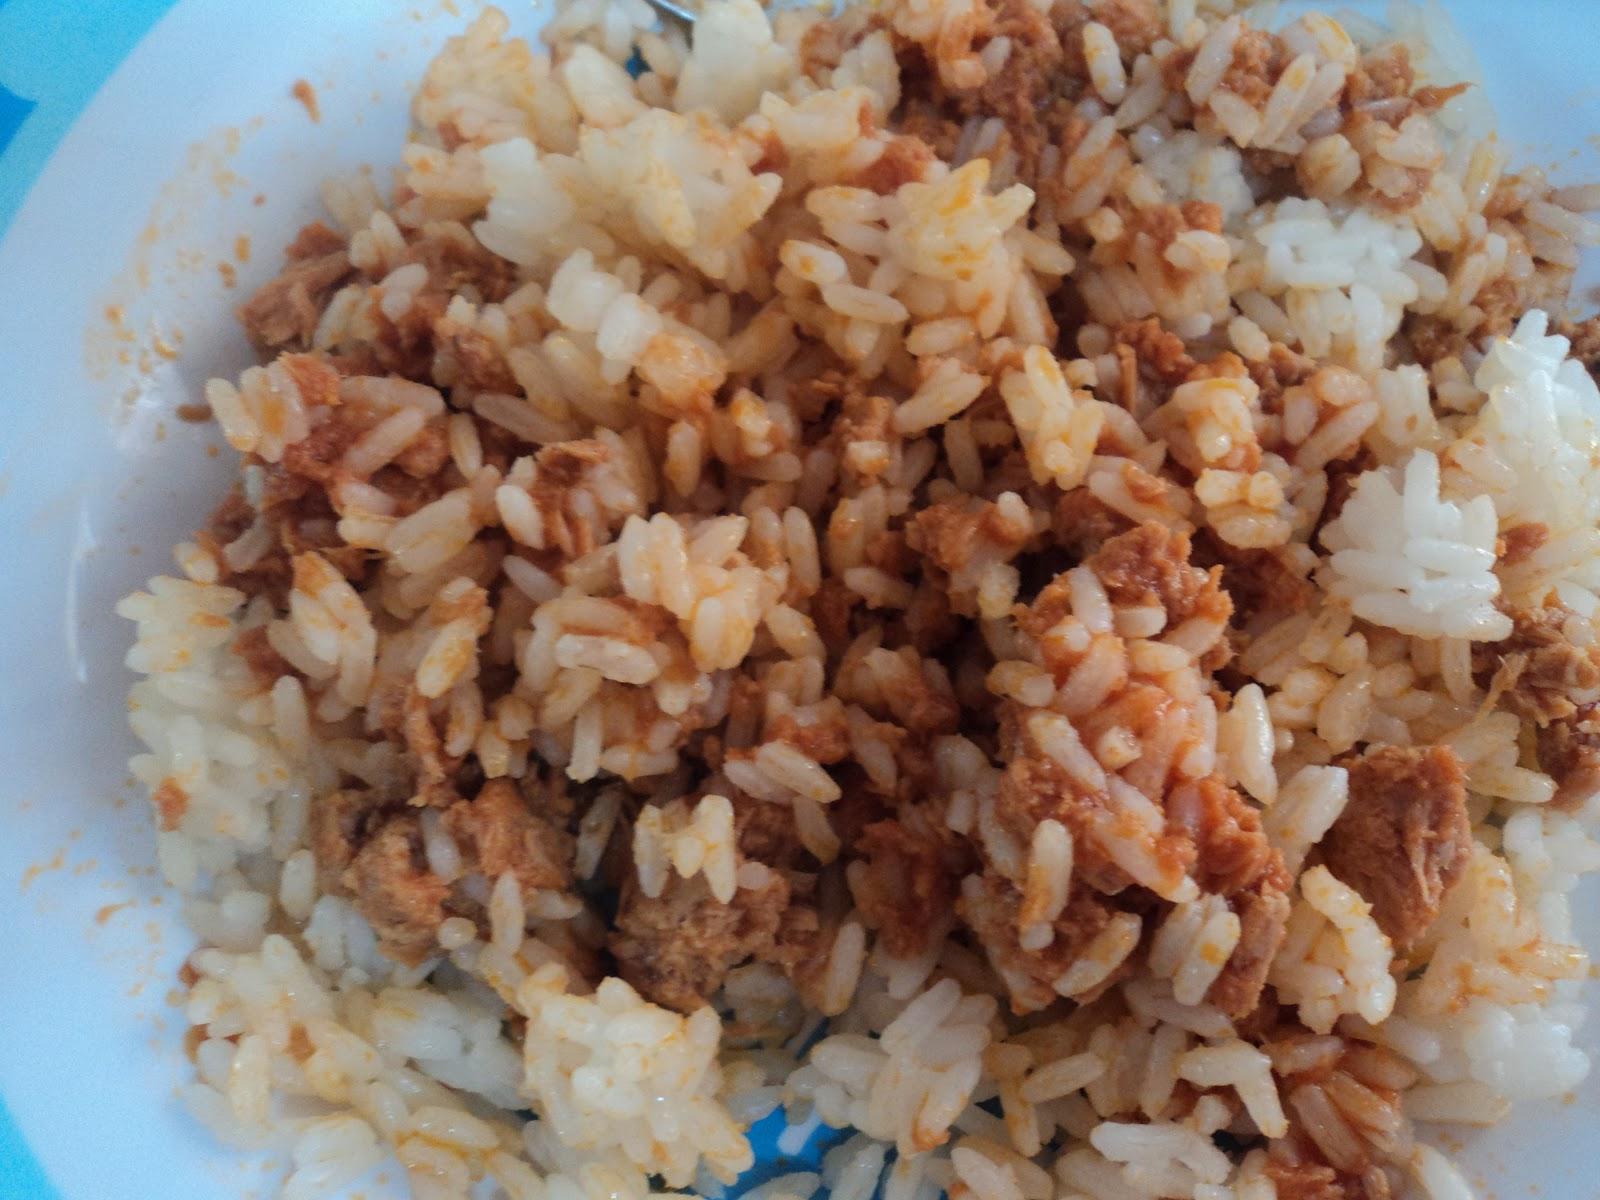 La cocina de nurivan arroz blanco con atun y tomate - Comidas con arroz blanco ...